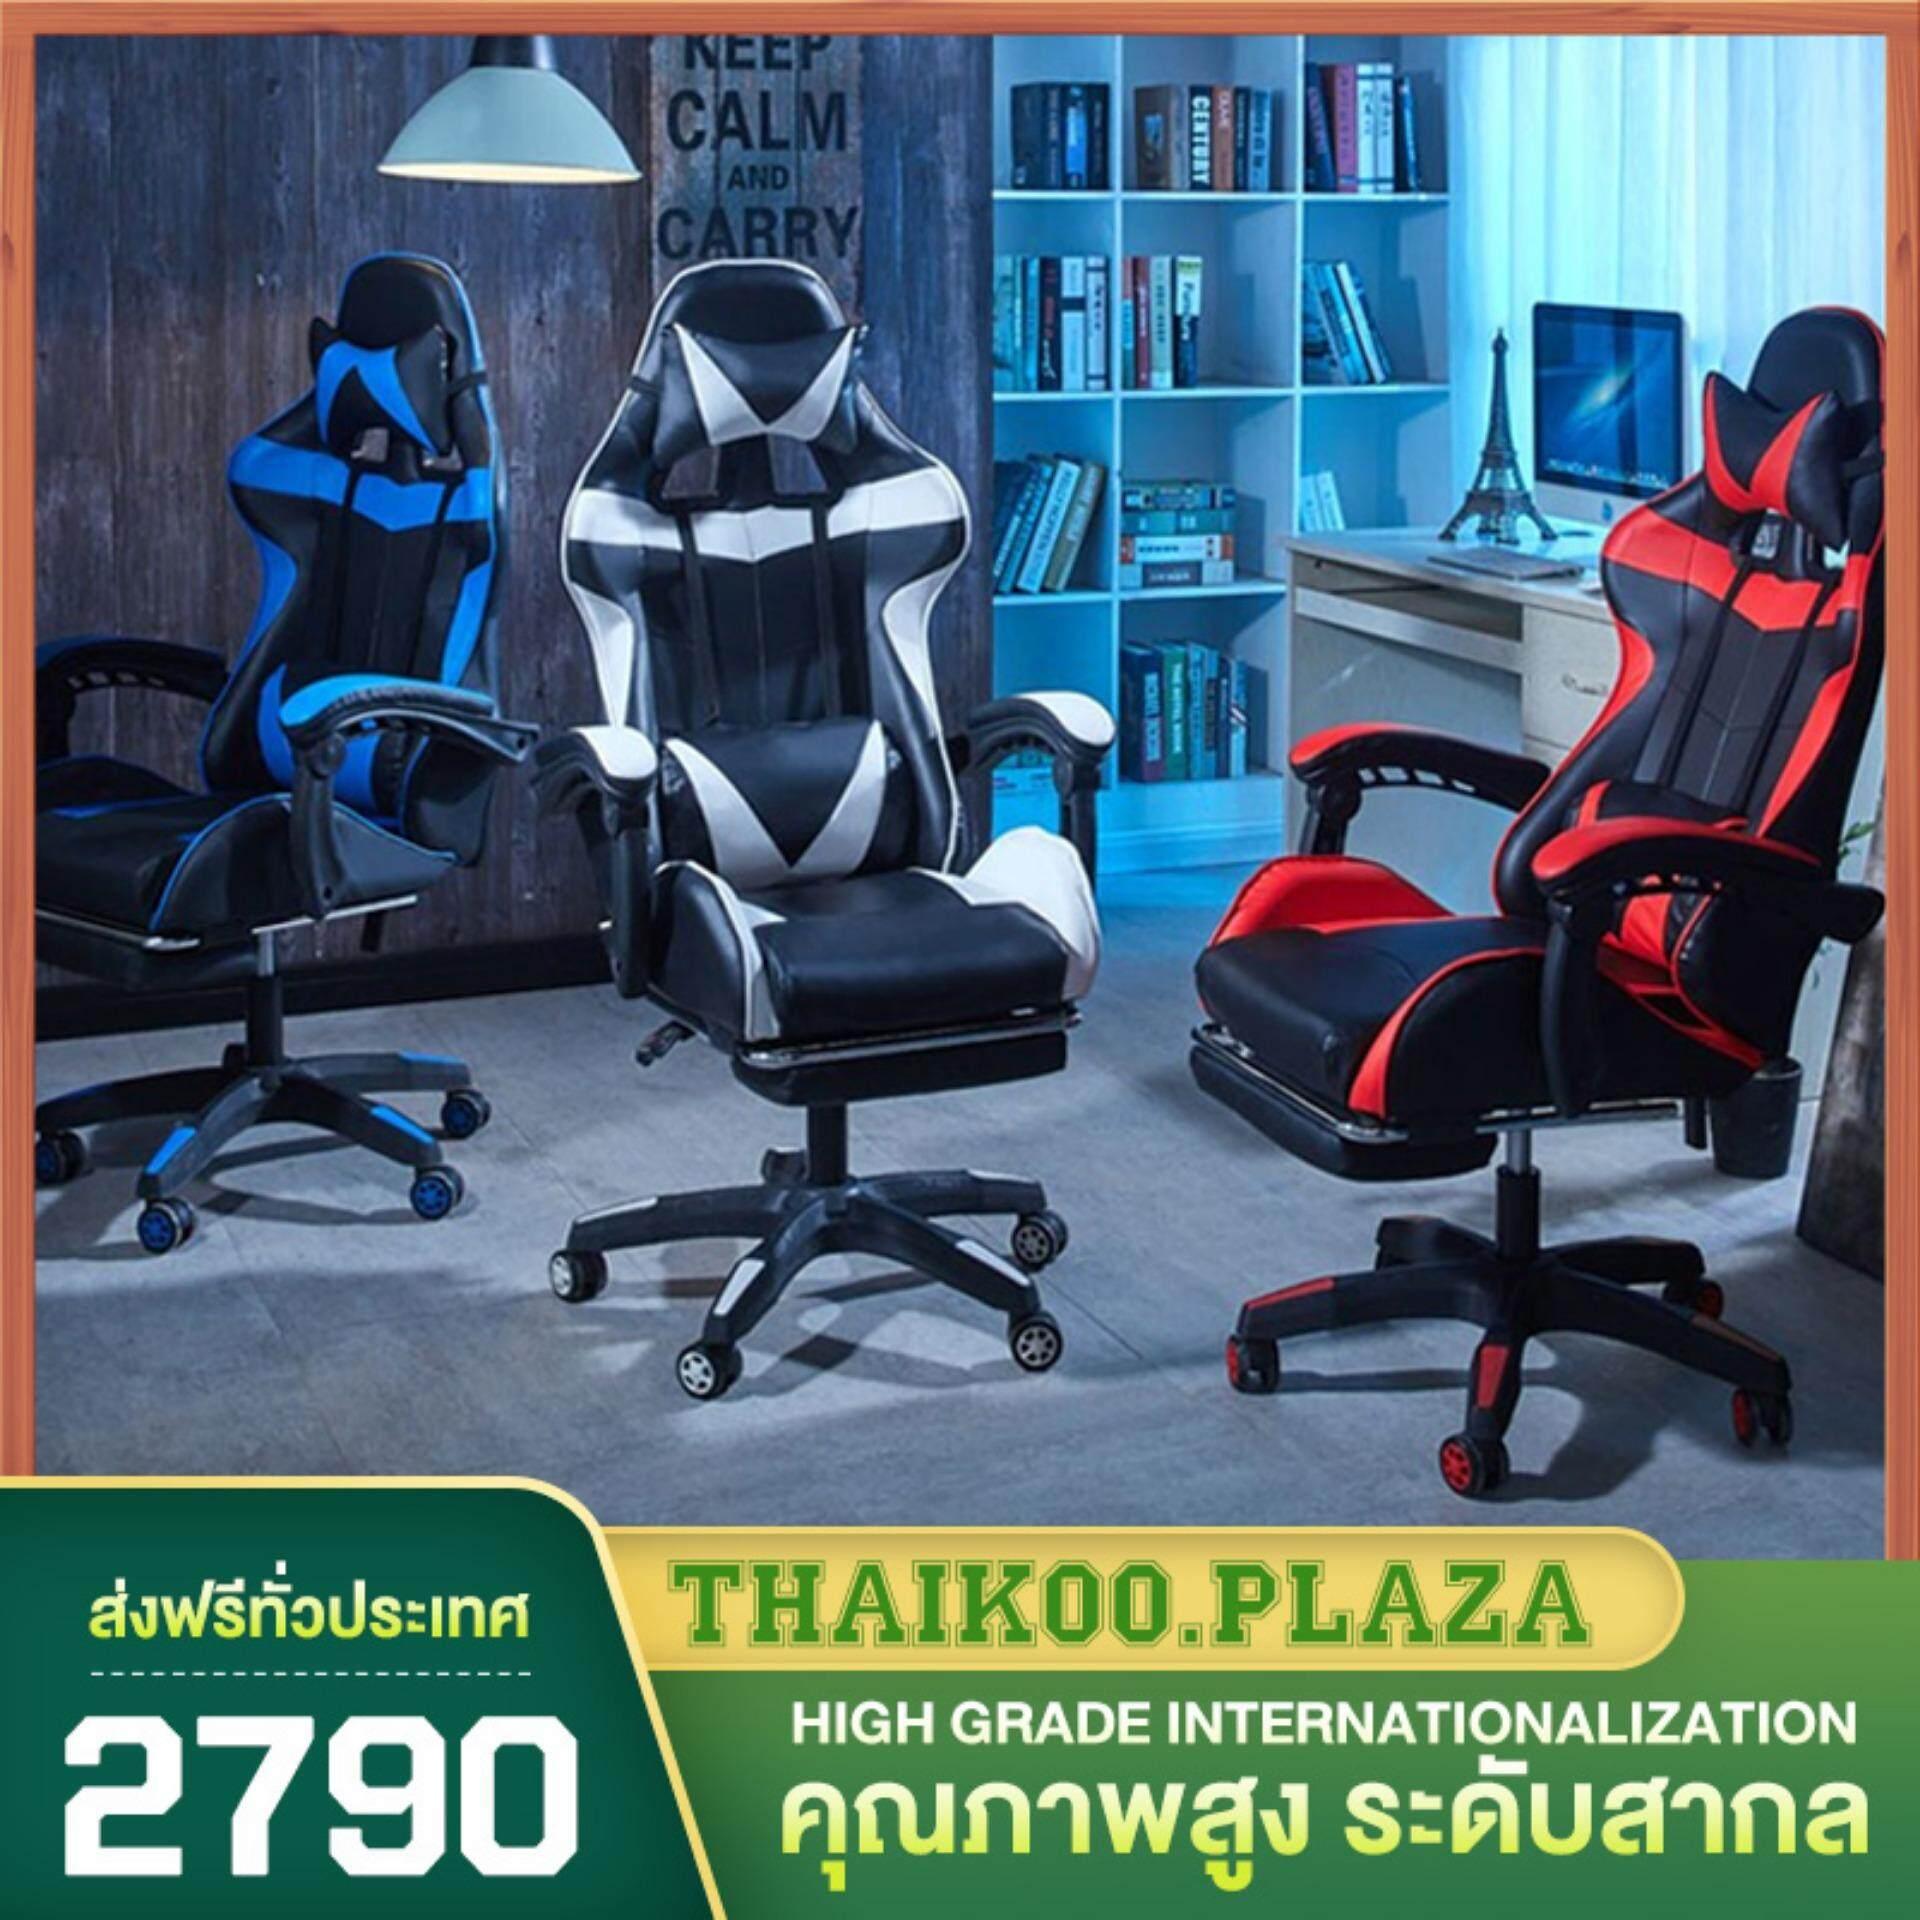 ยี่ห้อไหนดี  เก้าอี้เกม เก้าอี้ทำงาน เก้าอี้คอม เก้าอี้นอน เก้าอี้สำนักงาน เก้าอี้เล่นเกม ESPORT เก้าอี้เกมมิ่ง Gaming Chair ปรับความสูงได้ 10 ซม. นั่งสบาย หมุนได้360° รุ่น